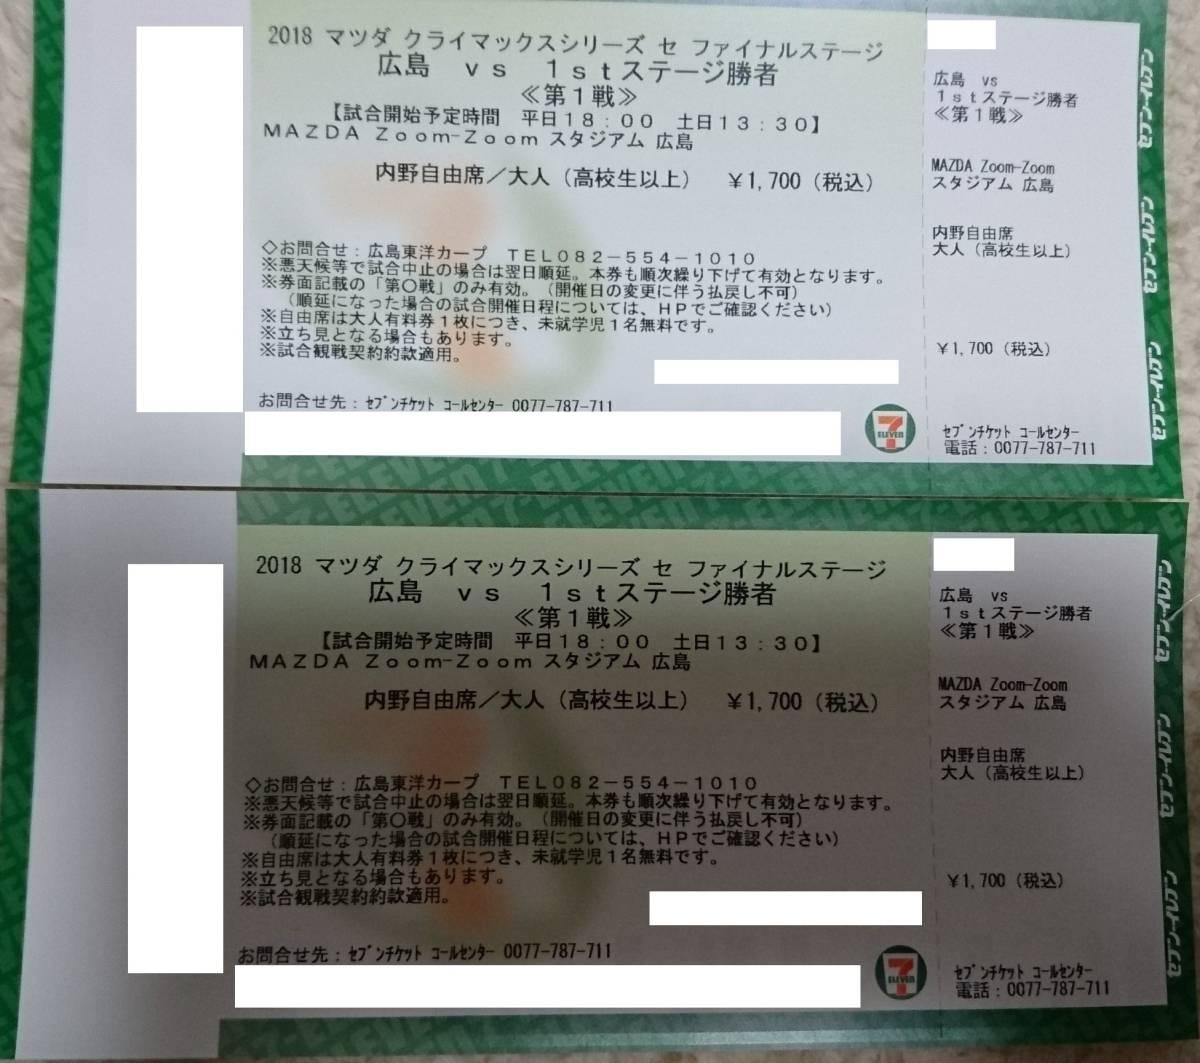 ★【CS第1戦】10/17(水)広島東洋カープVS1stステージ勝者 内野自由2枚★